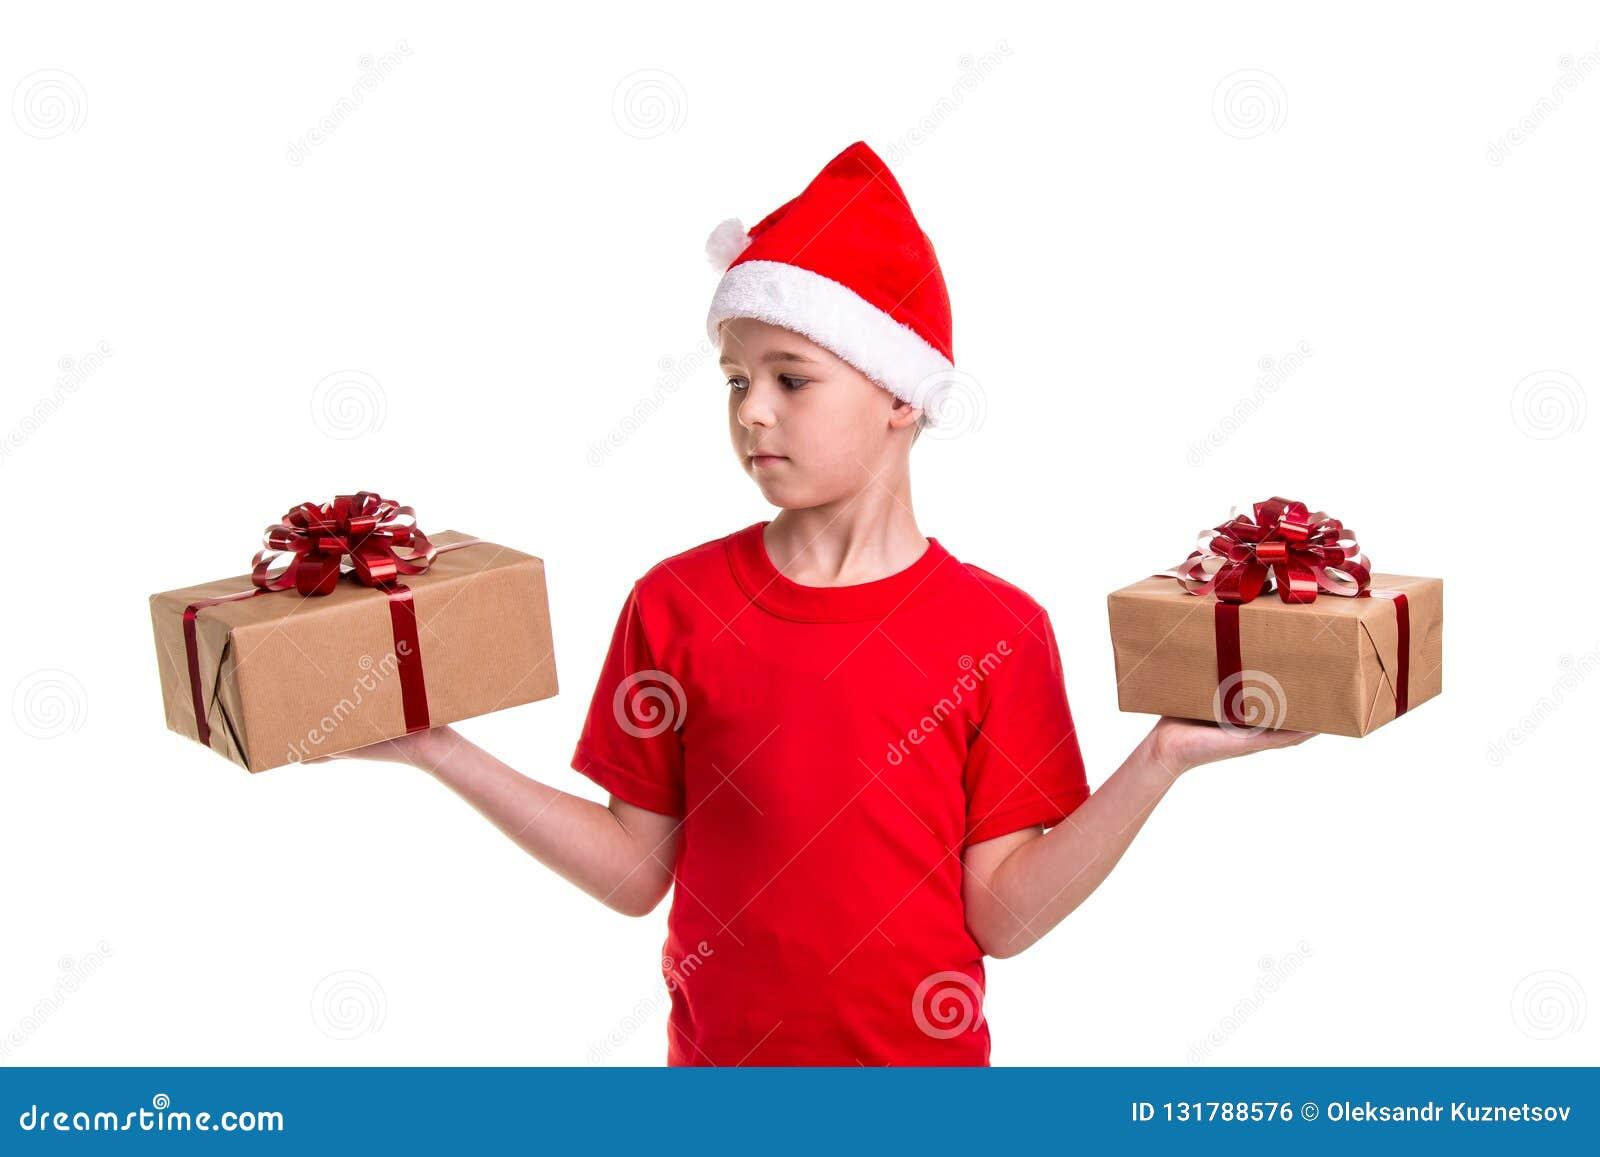 Knappe ernstige jongen, santahoed op zijn hoofd, met twee giftdozen op de handen, die aan de juiste doos kijken Concept